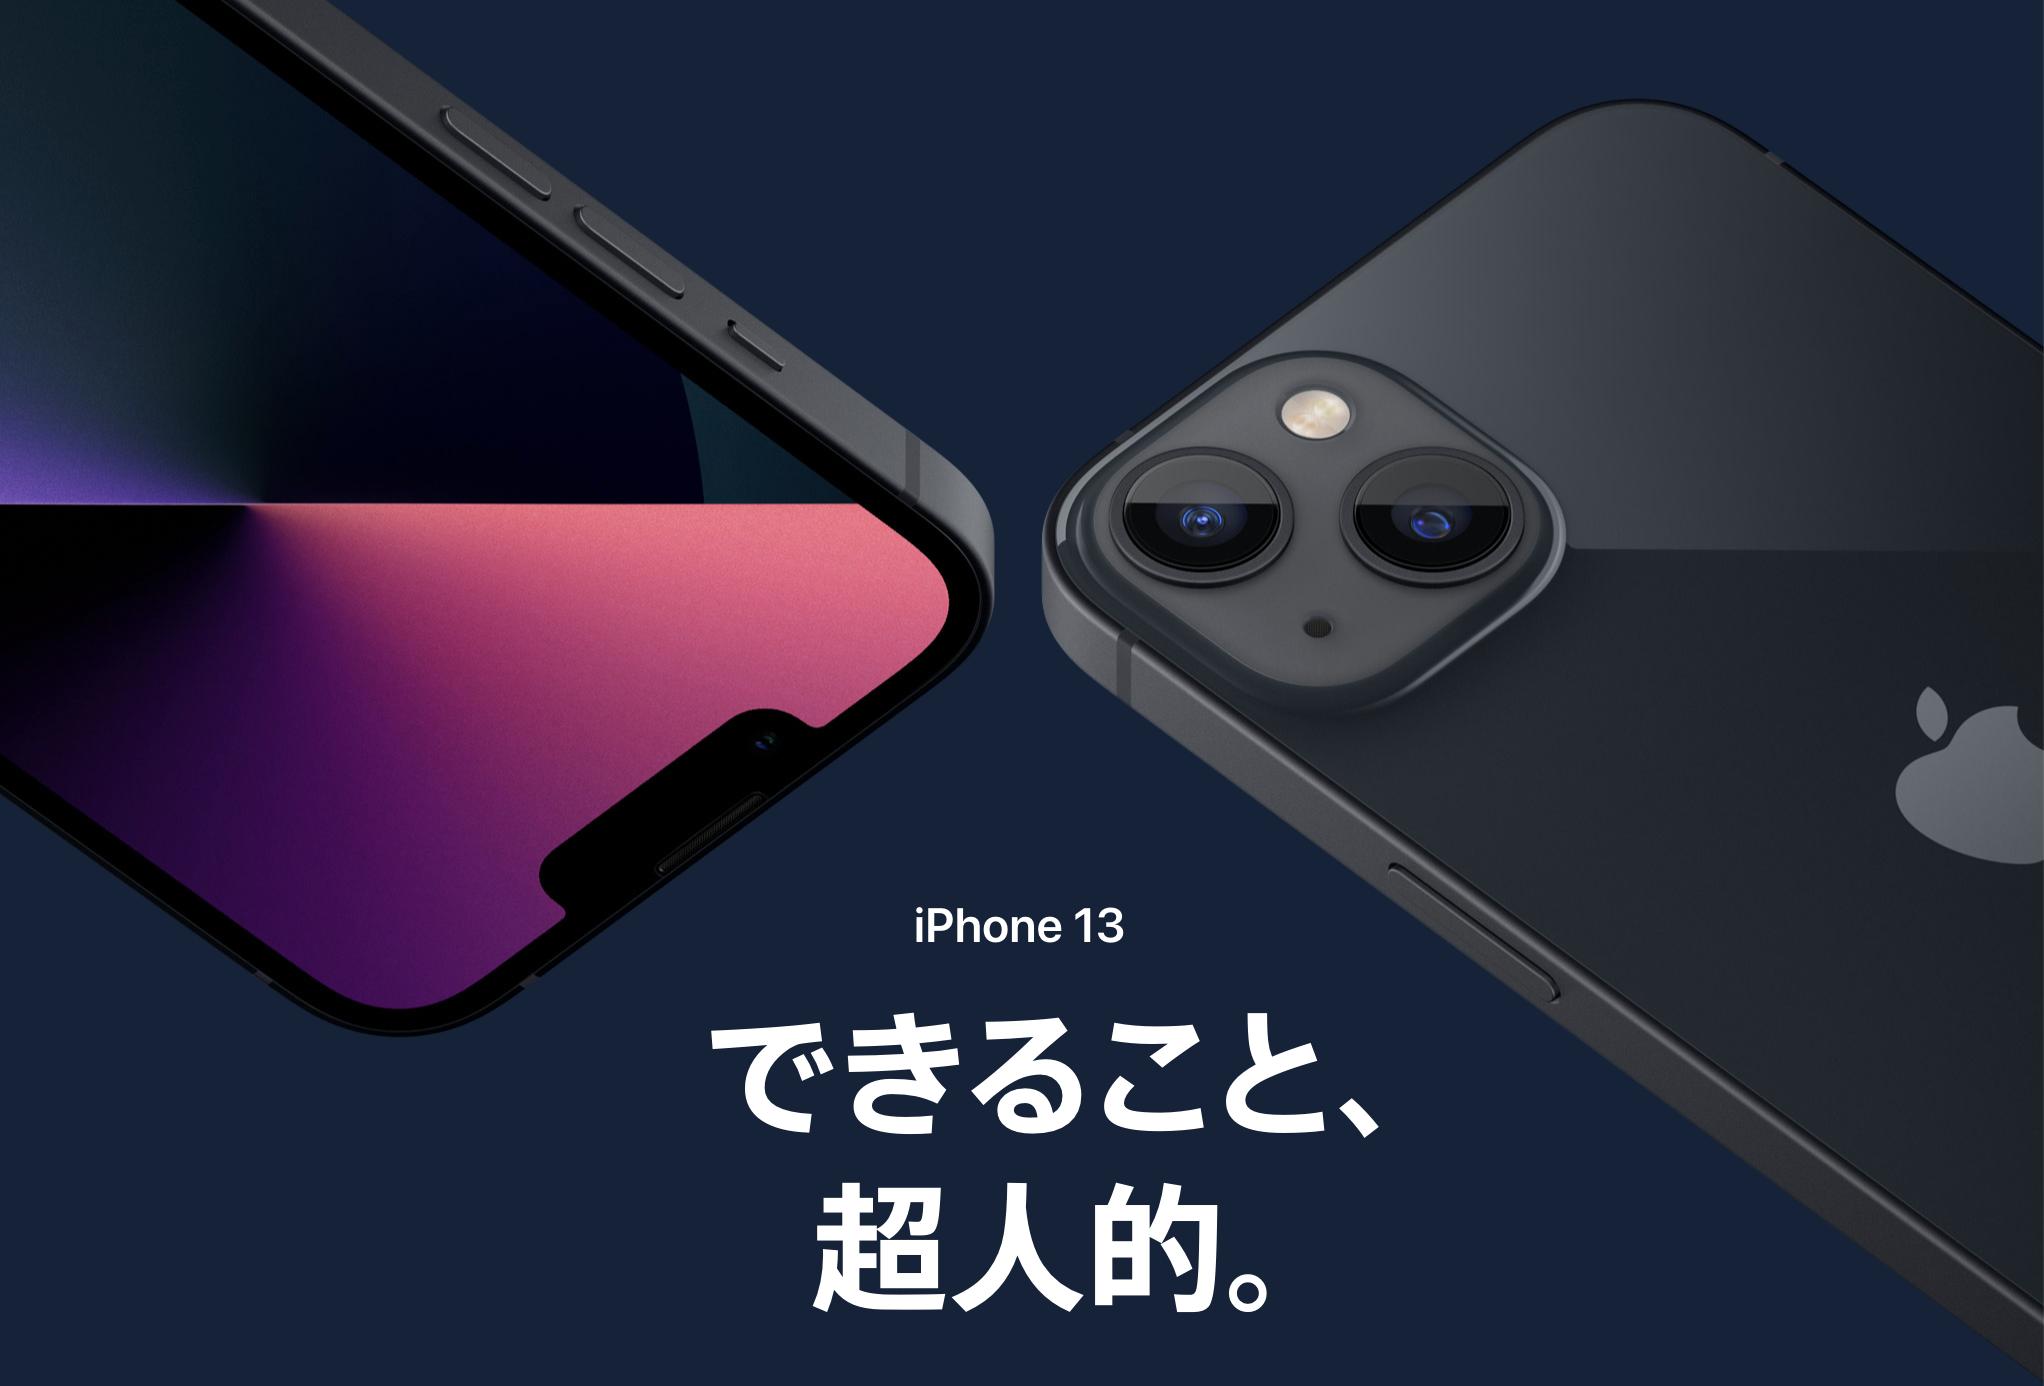 iPhone 13とiPhone 12の違い比較!13まで待つべきかスペック・性能・価格比較した結論